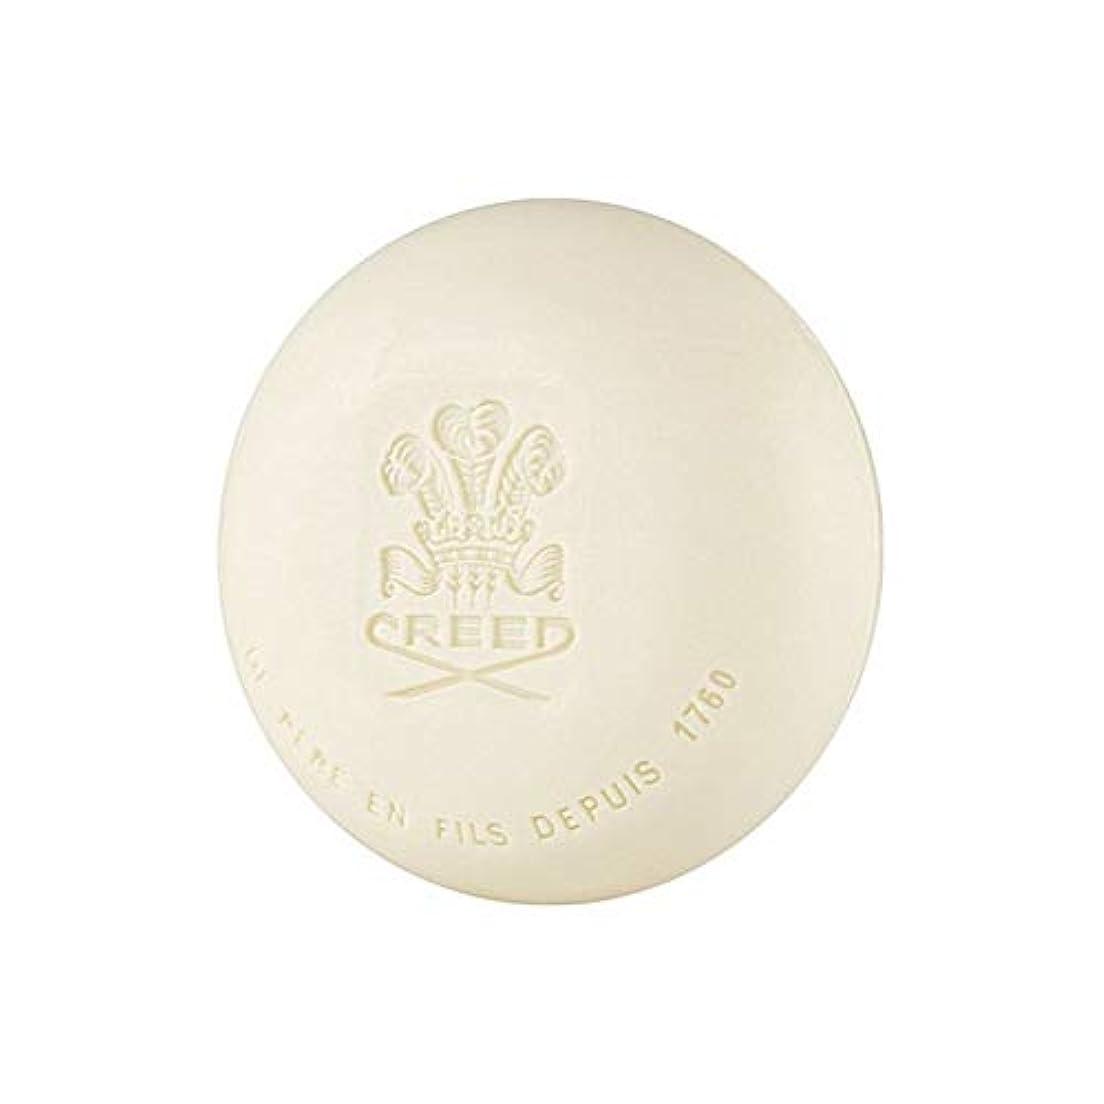 貫入優れましたペルー[Creed ] 信条グリーンアイリッシュツイード石鹸150グラム - Creed Green Irish Tweed Soap 150G [並行輸入品]